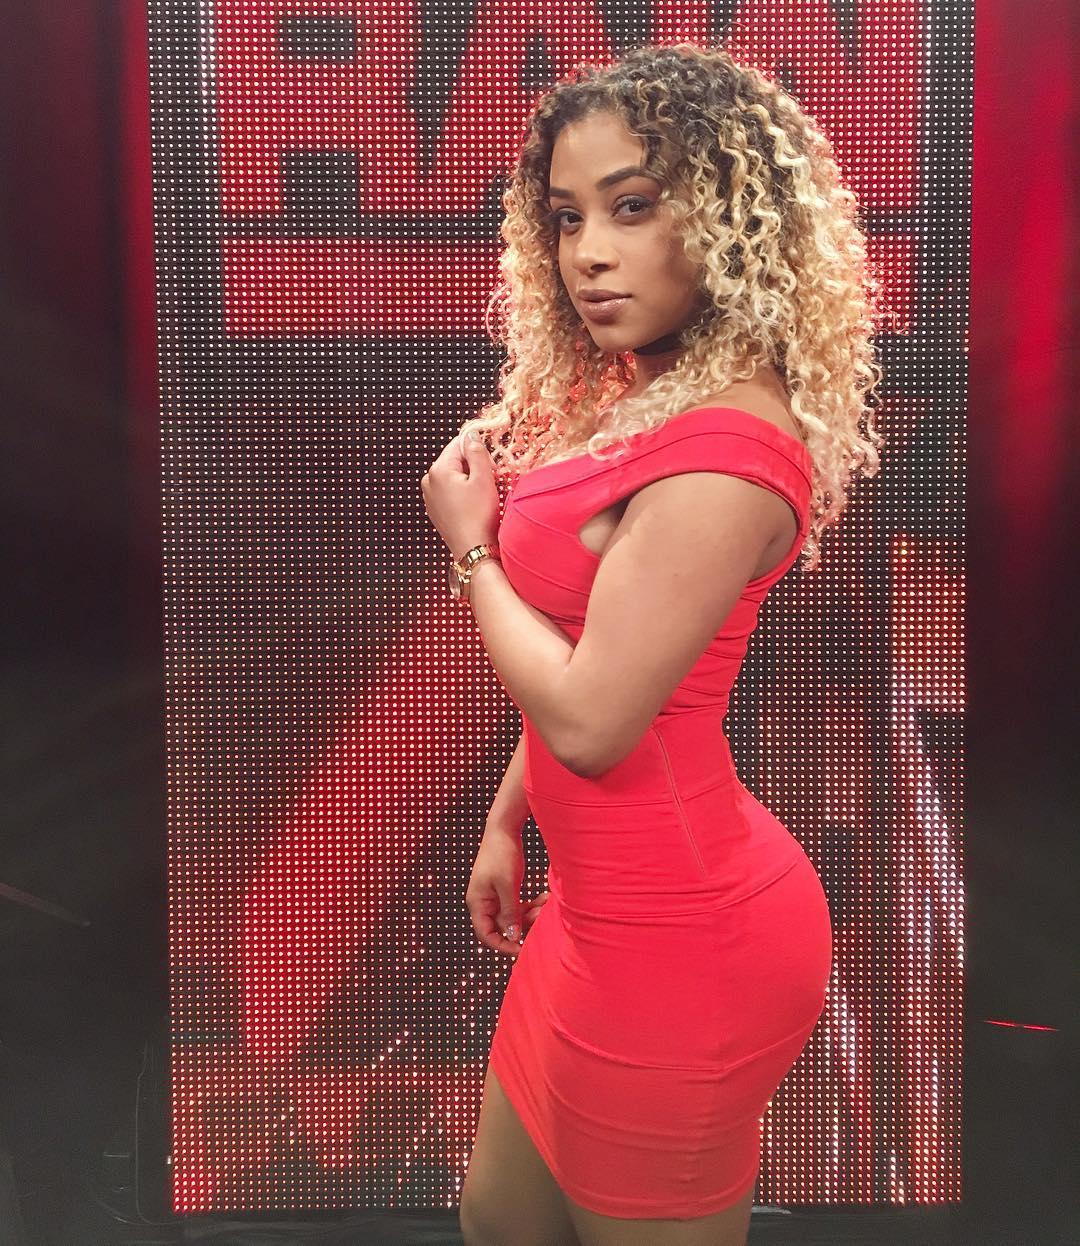 WWE JoJo Nudes Leak